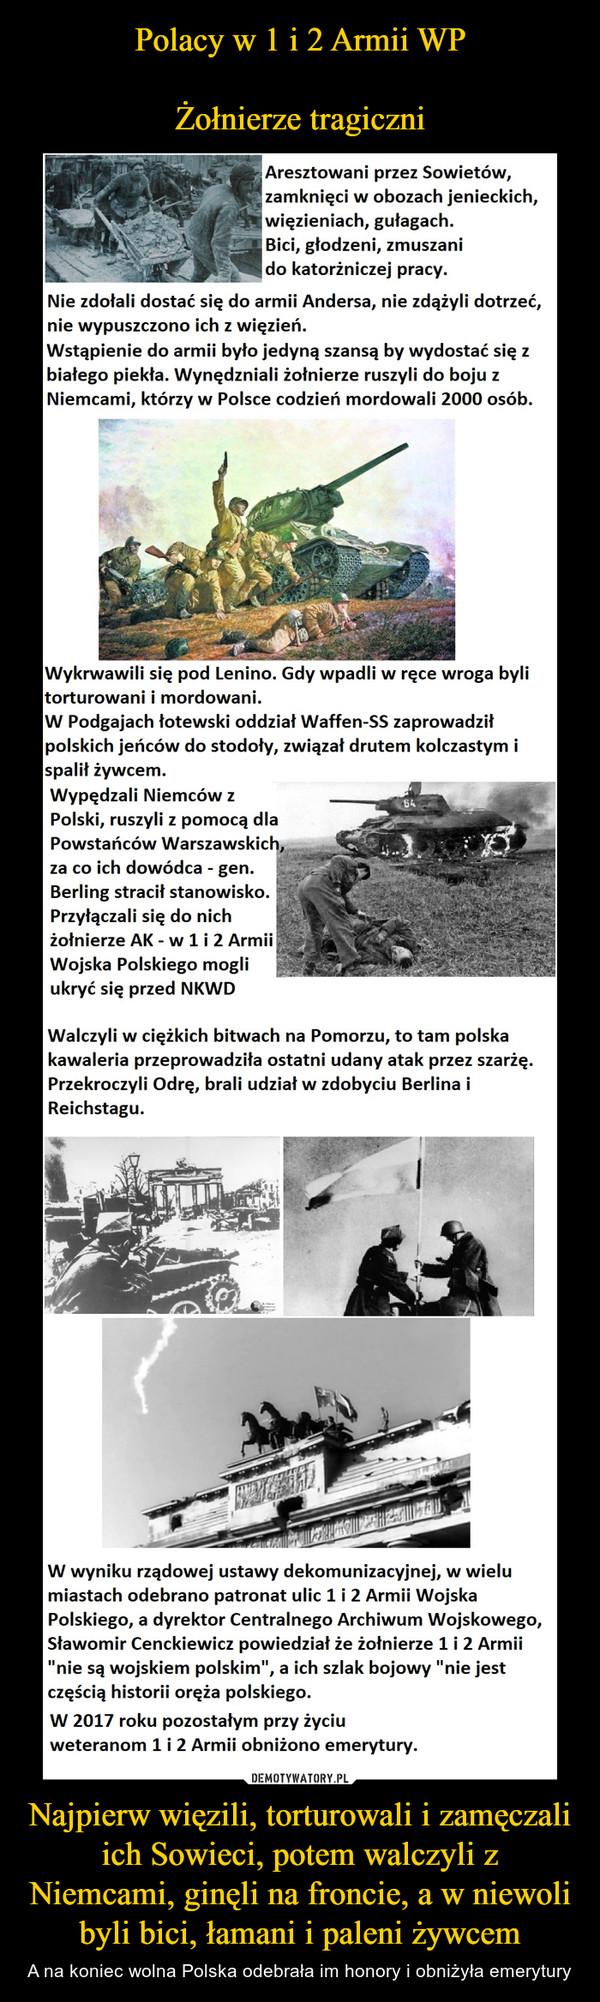 Najpierw więzili, torturowali i zamęczali ich Sowieci, potem walczyli z Niemcami, ginęli na froncie, a w niewoli byli bici, łamani i paleni żywcem – A na koniec wolna Polska odebrała im honory i obniżyła emerytury